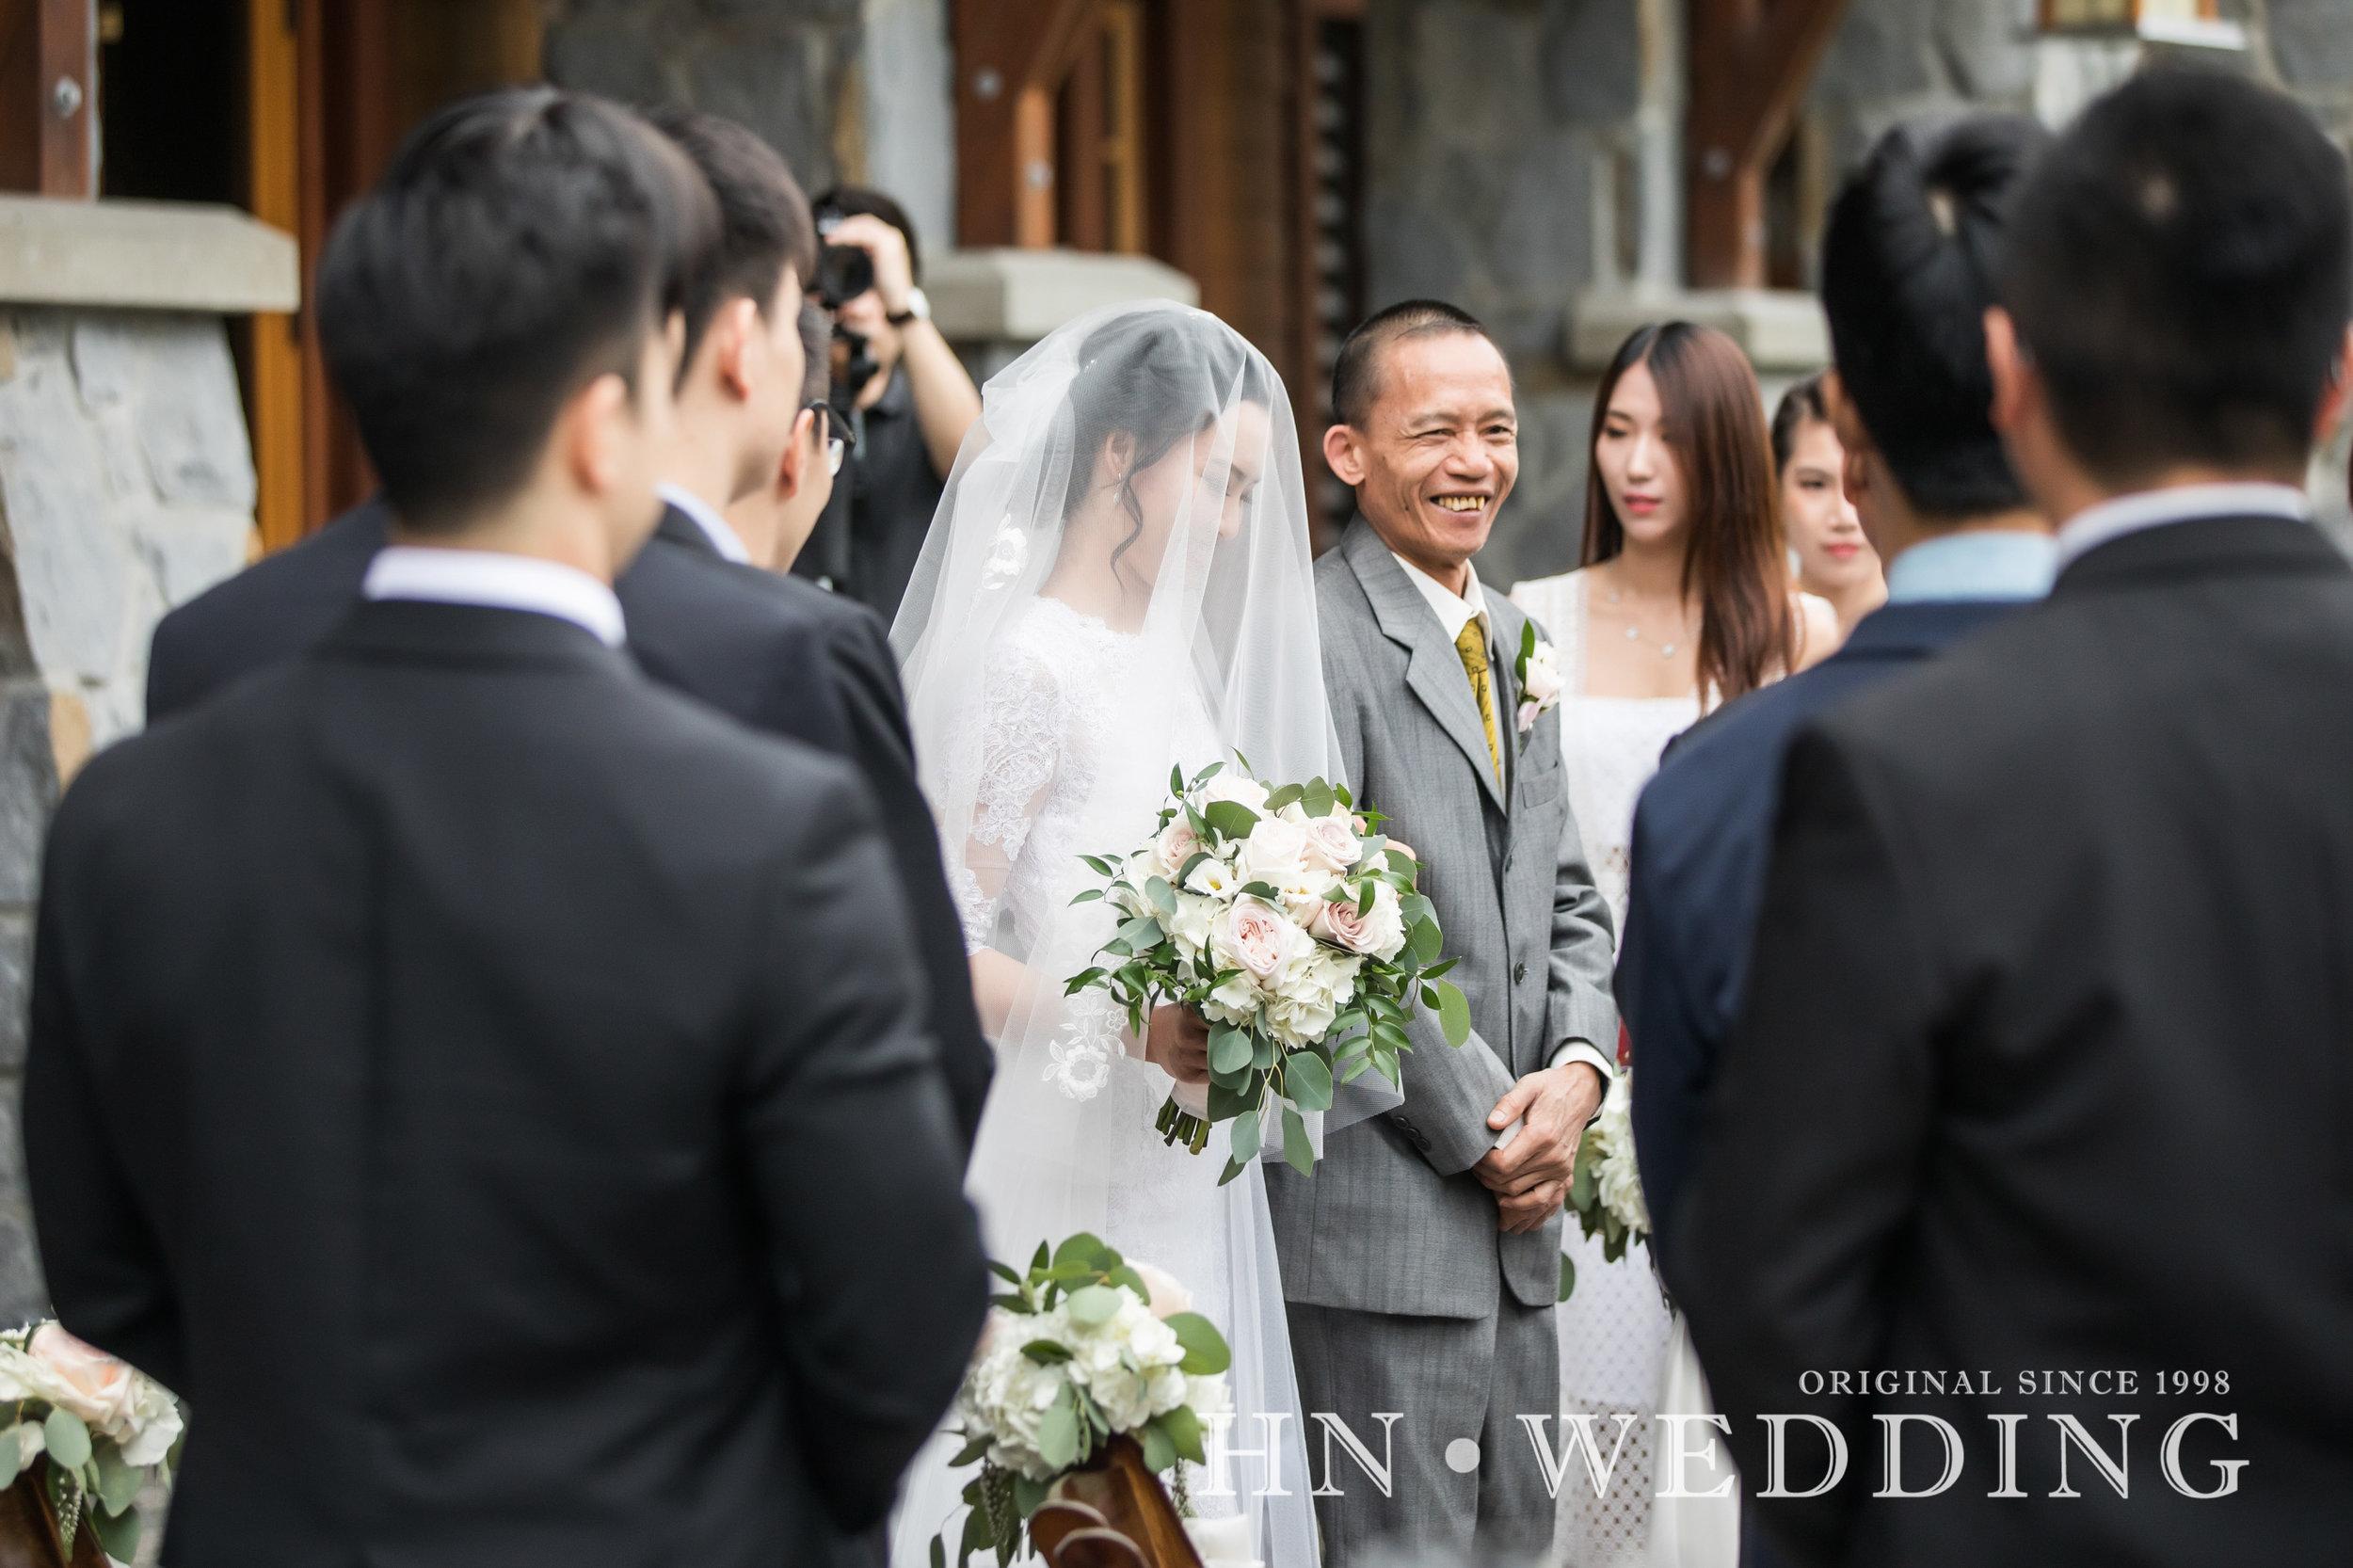 hnweddingprewedding-81.jpg